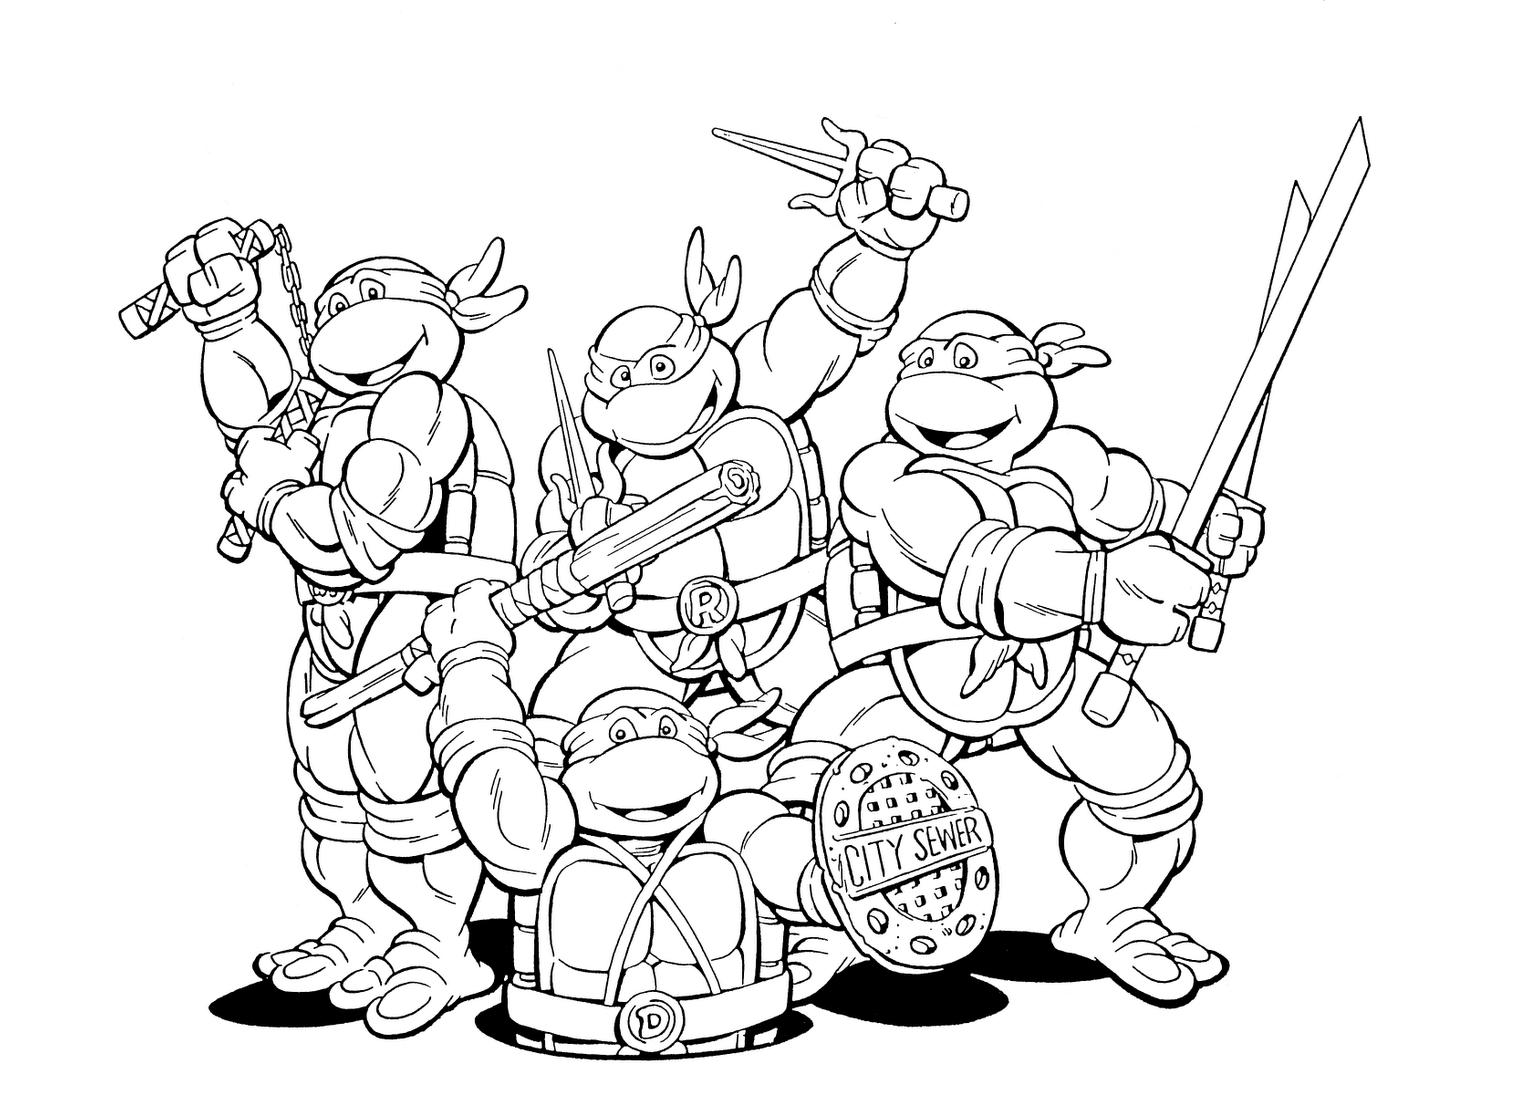 Daring Ninja Turtle Color Page Nickelodeon Turtles ...